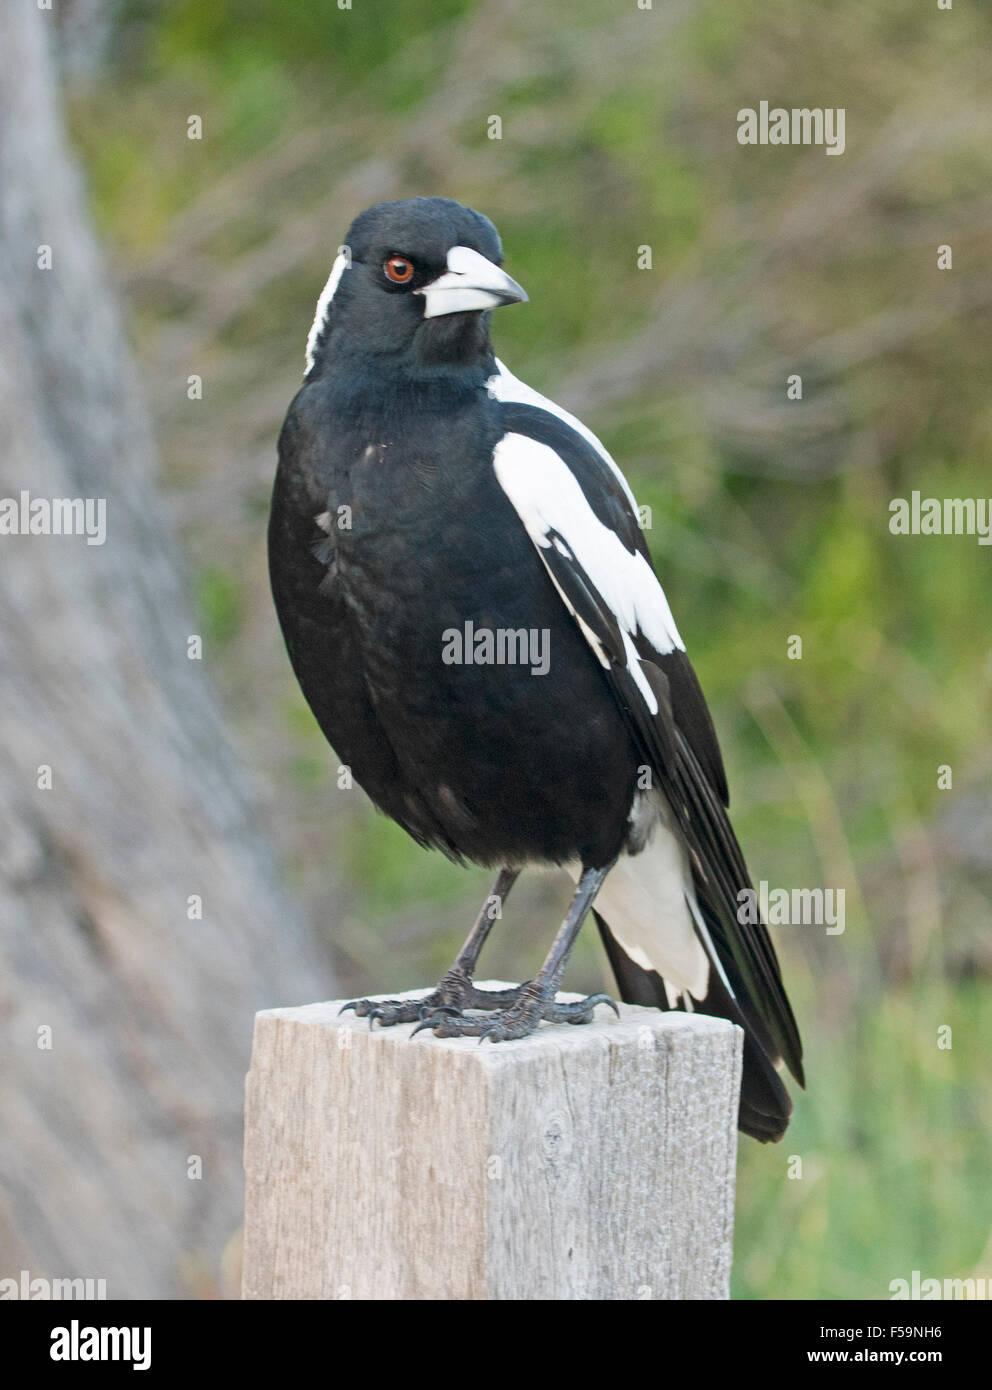 Australische Magpie, schwarzen und weißen Vogel, mit Augen aufblitzen, stehend auf Post in einem Vorort Garten Stockbild